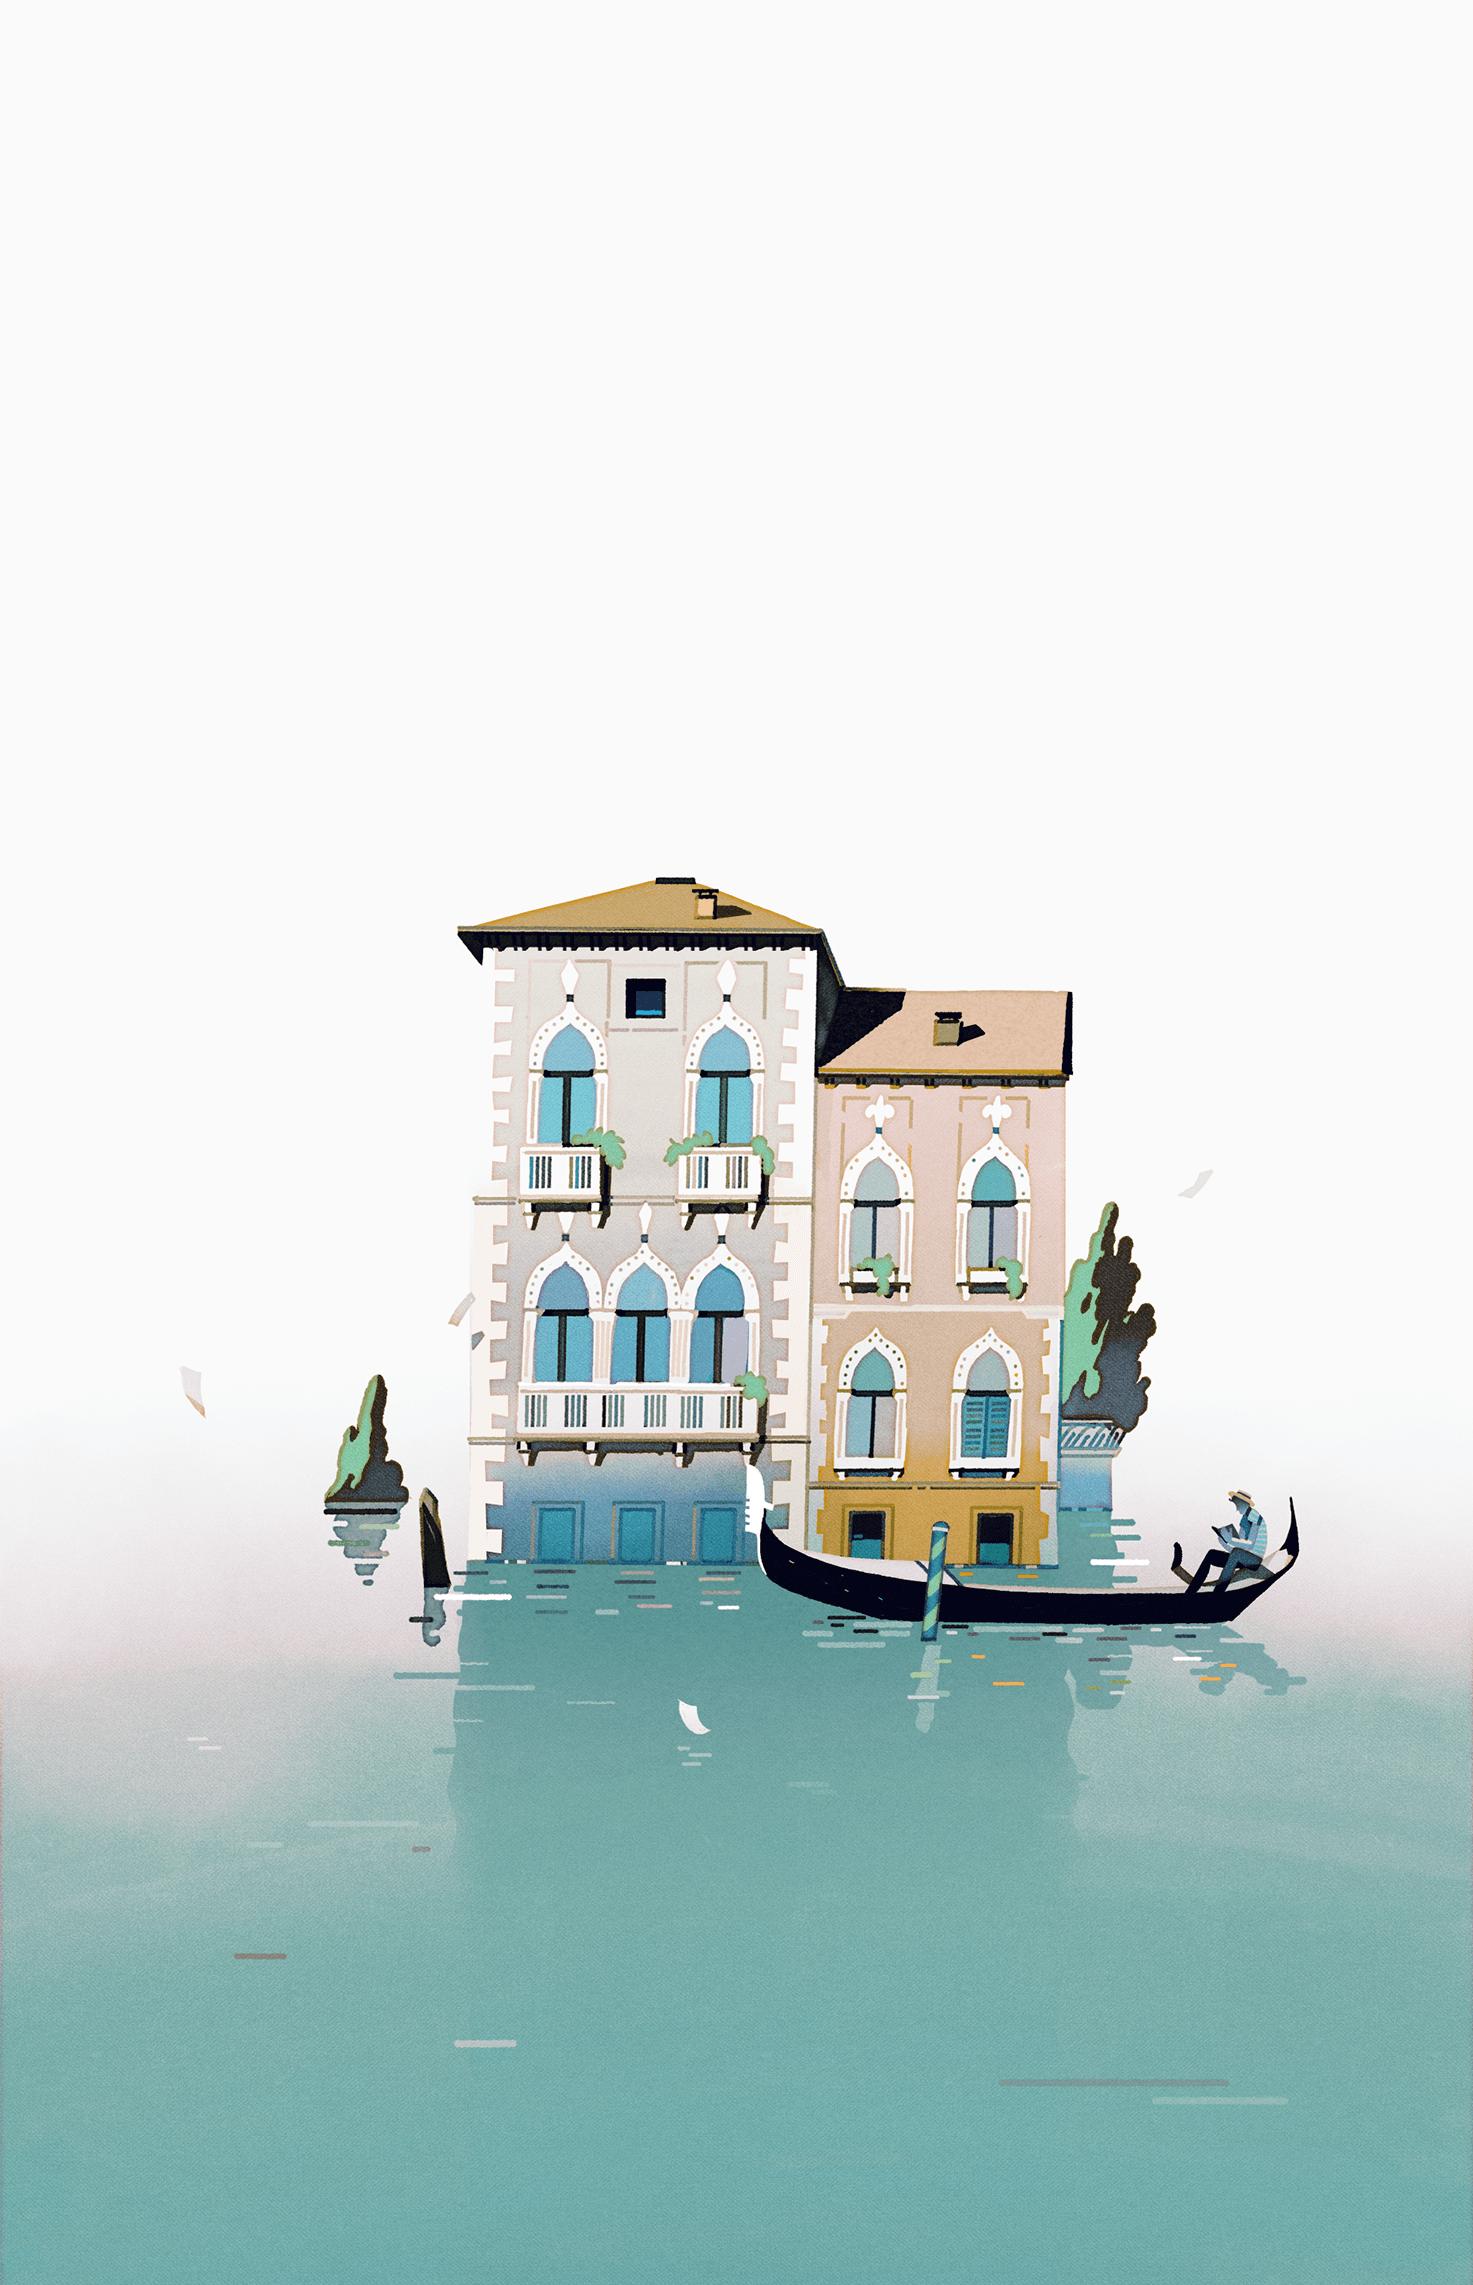 venezia-4k